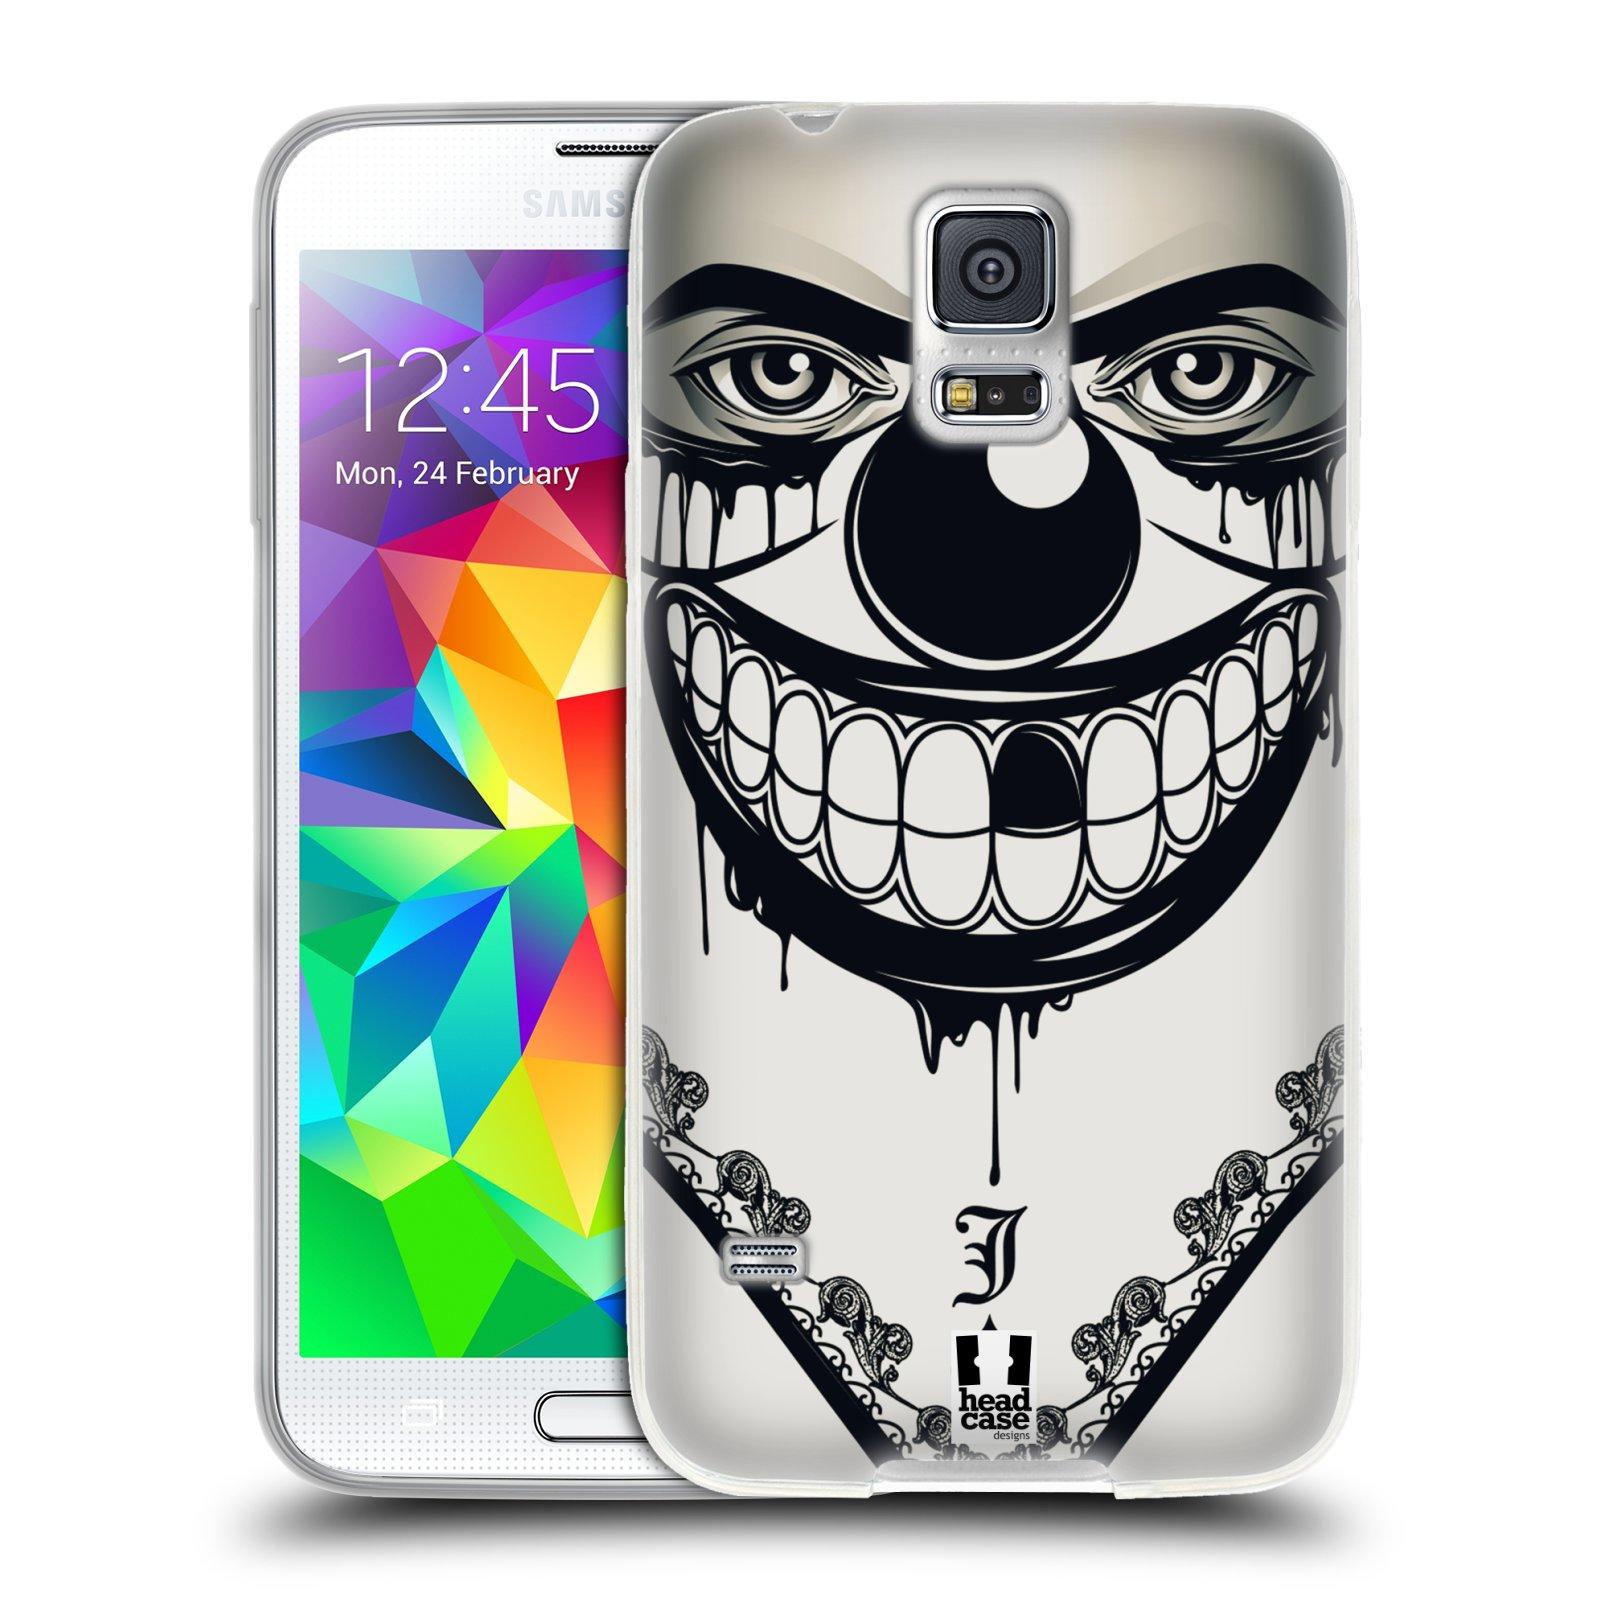 Silikonové pouzdro na mobil Samsung Galaxy S5 HEAD CASE ZLEJ KLAUN